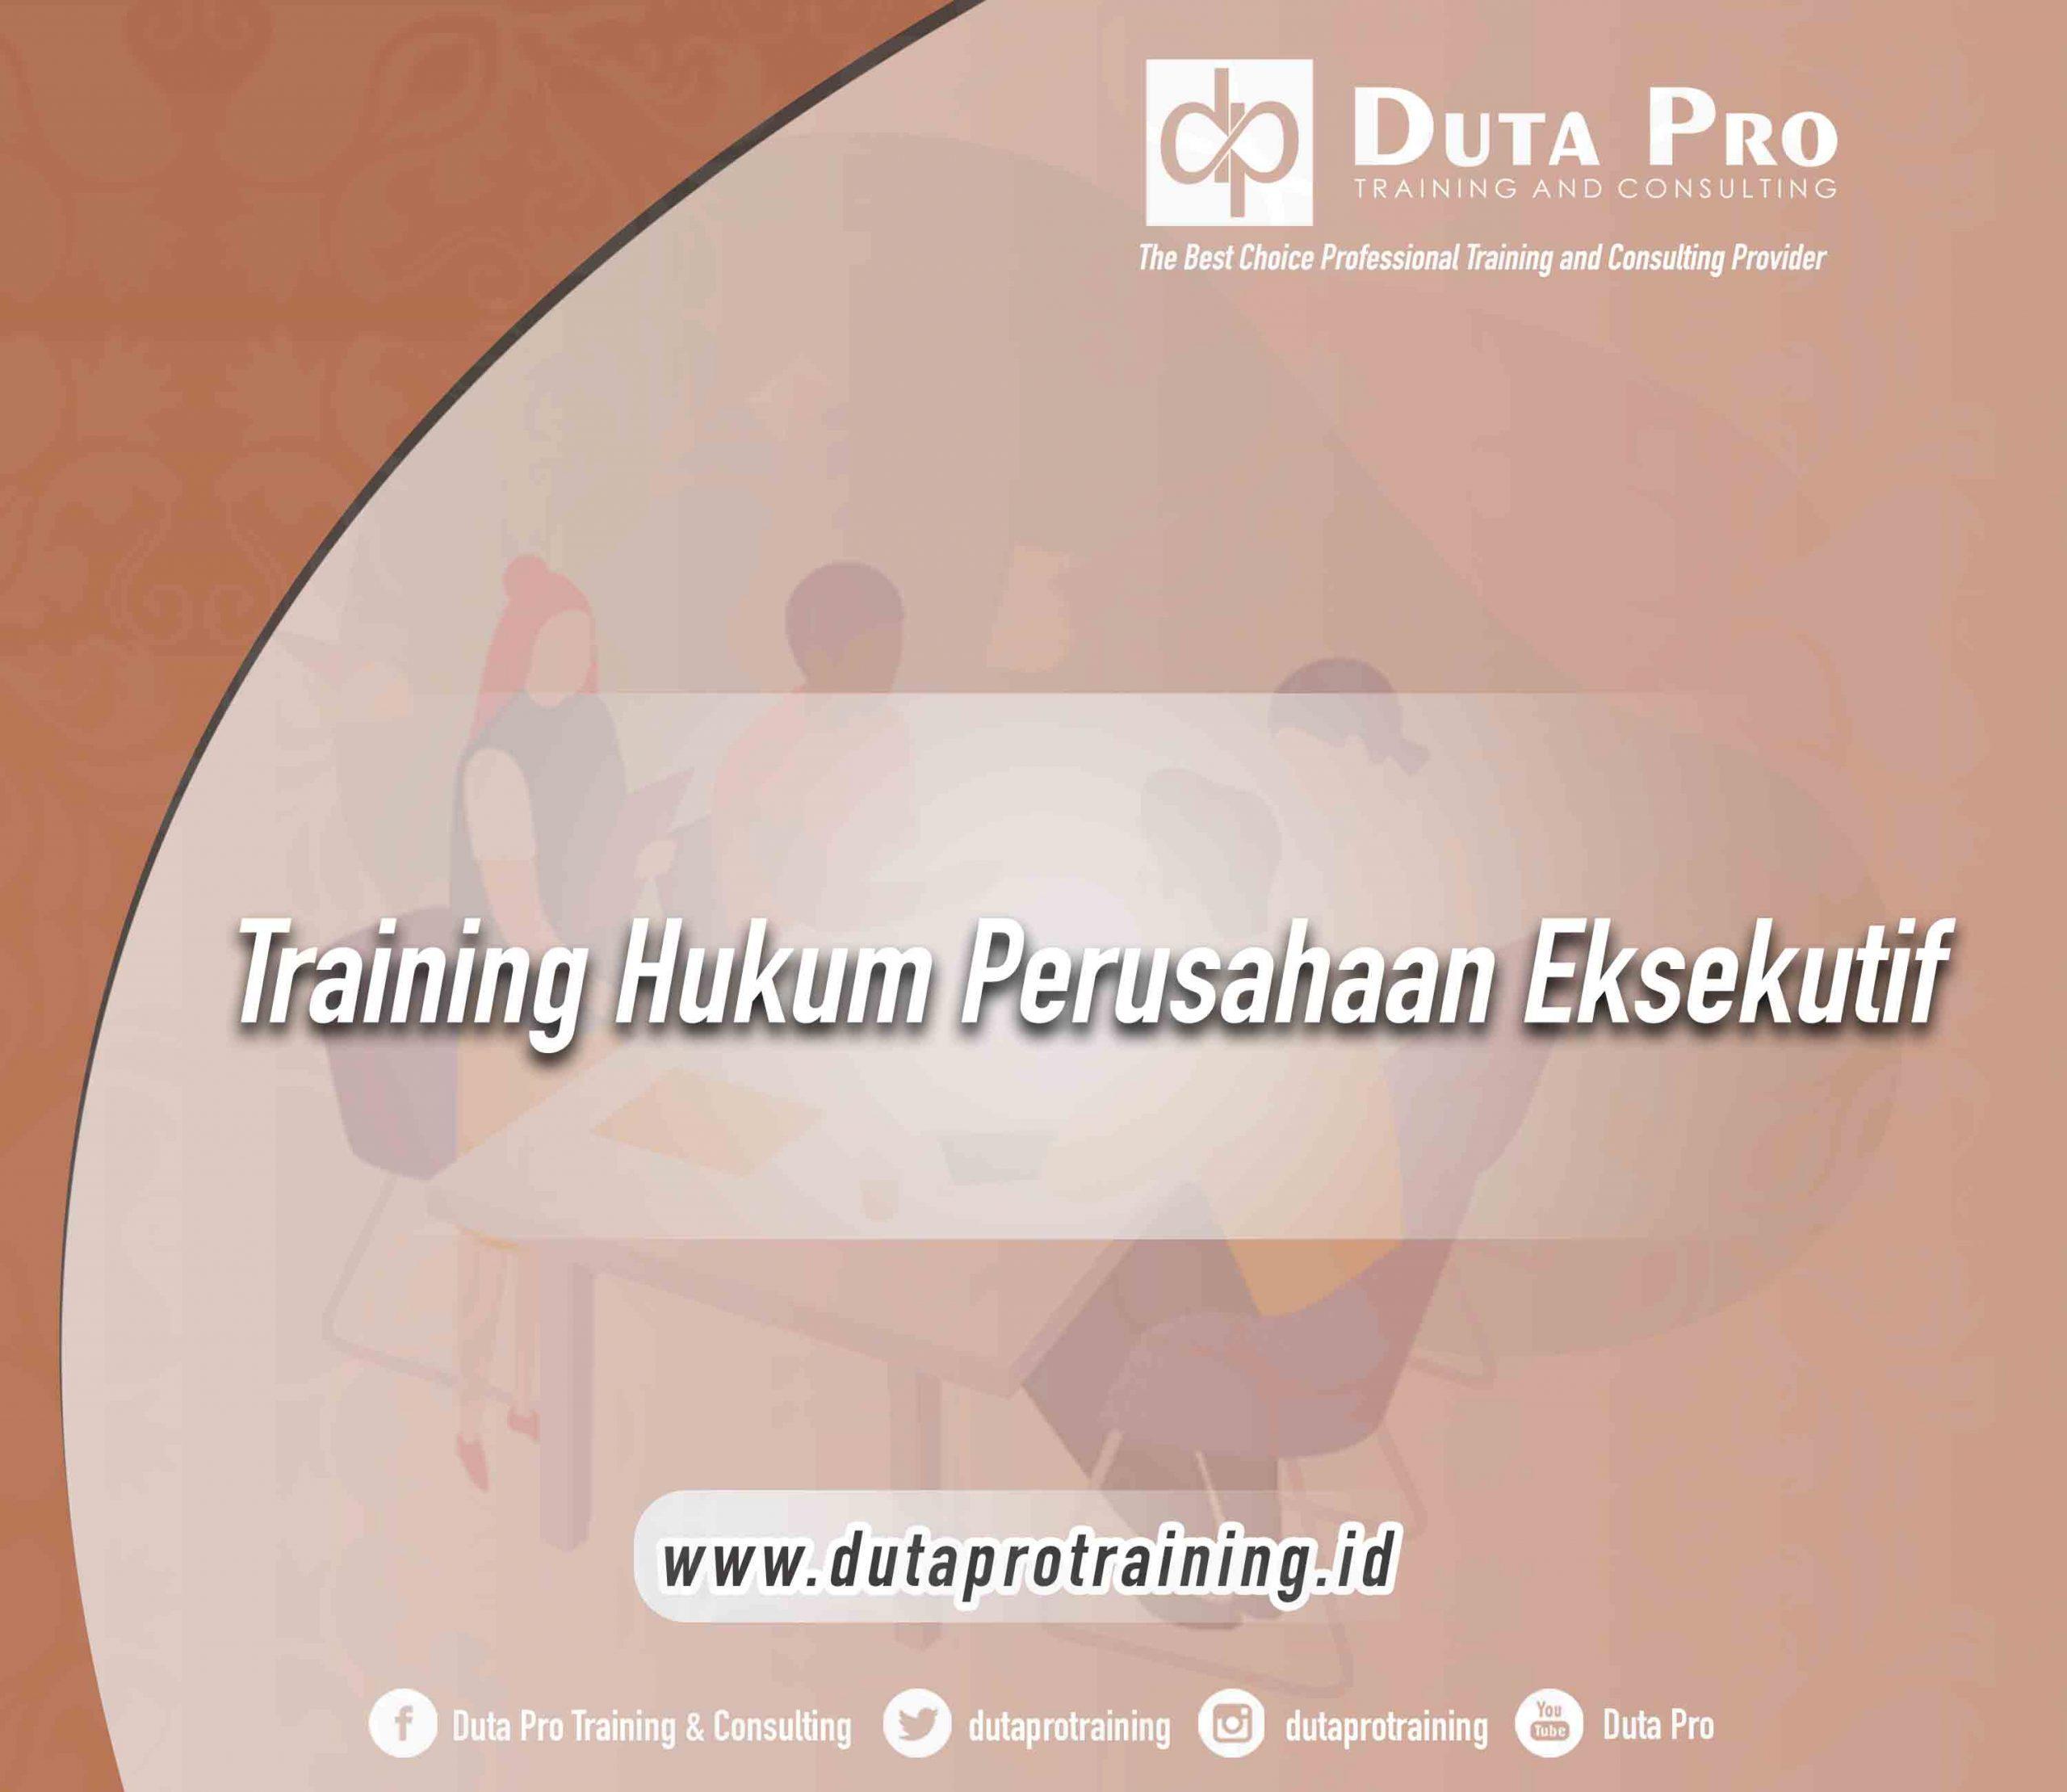 Training Hukum Perusahaan Eksekutif